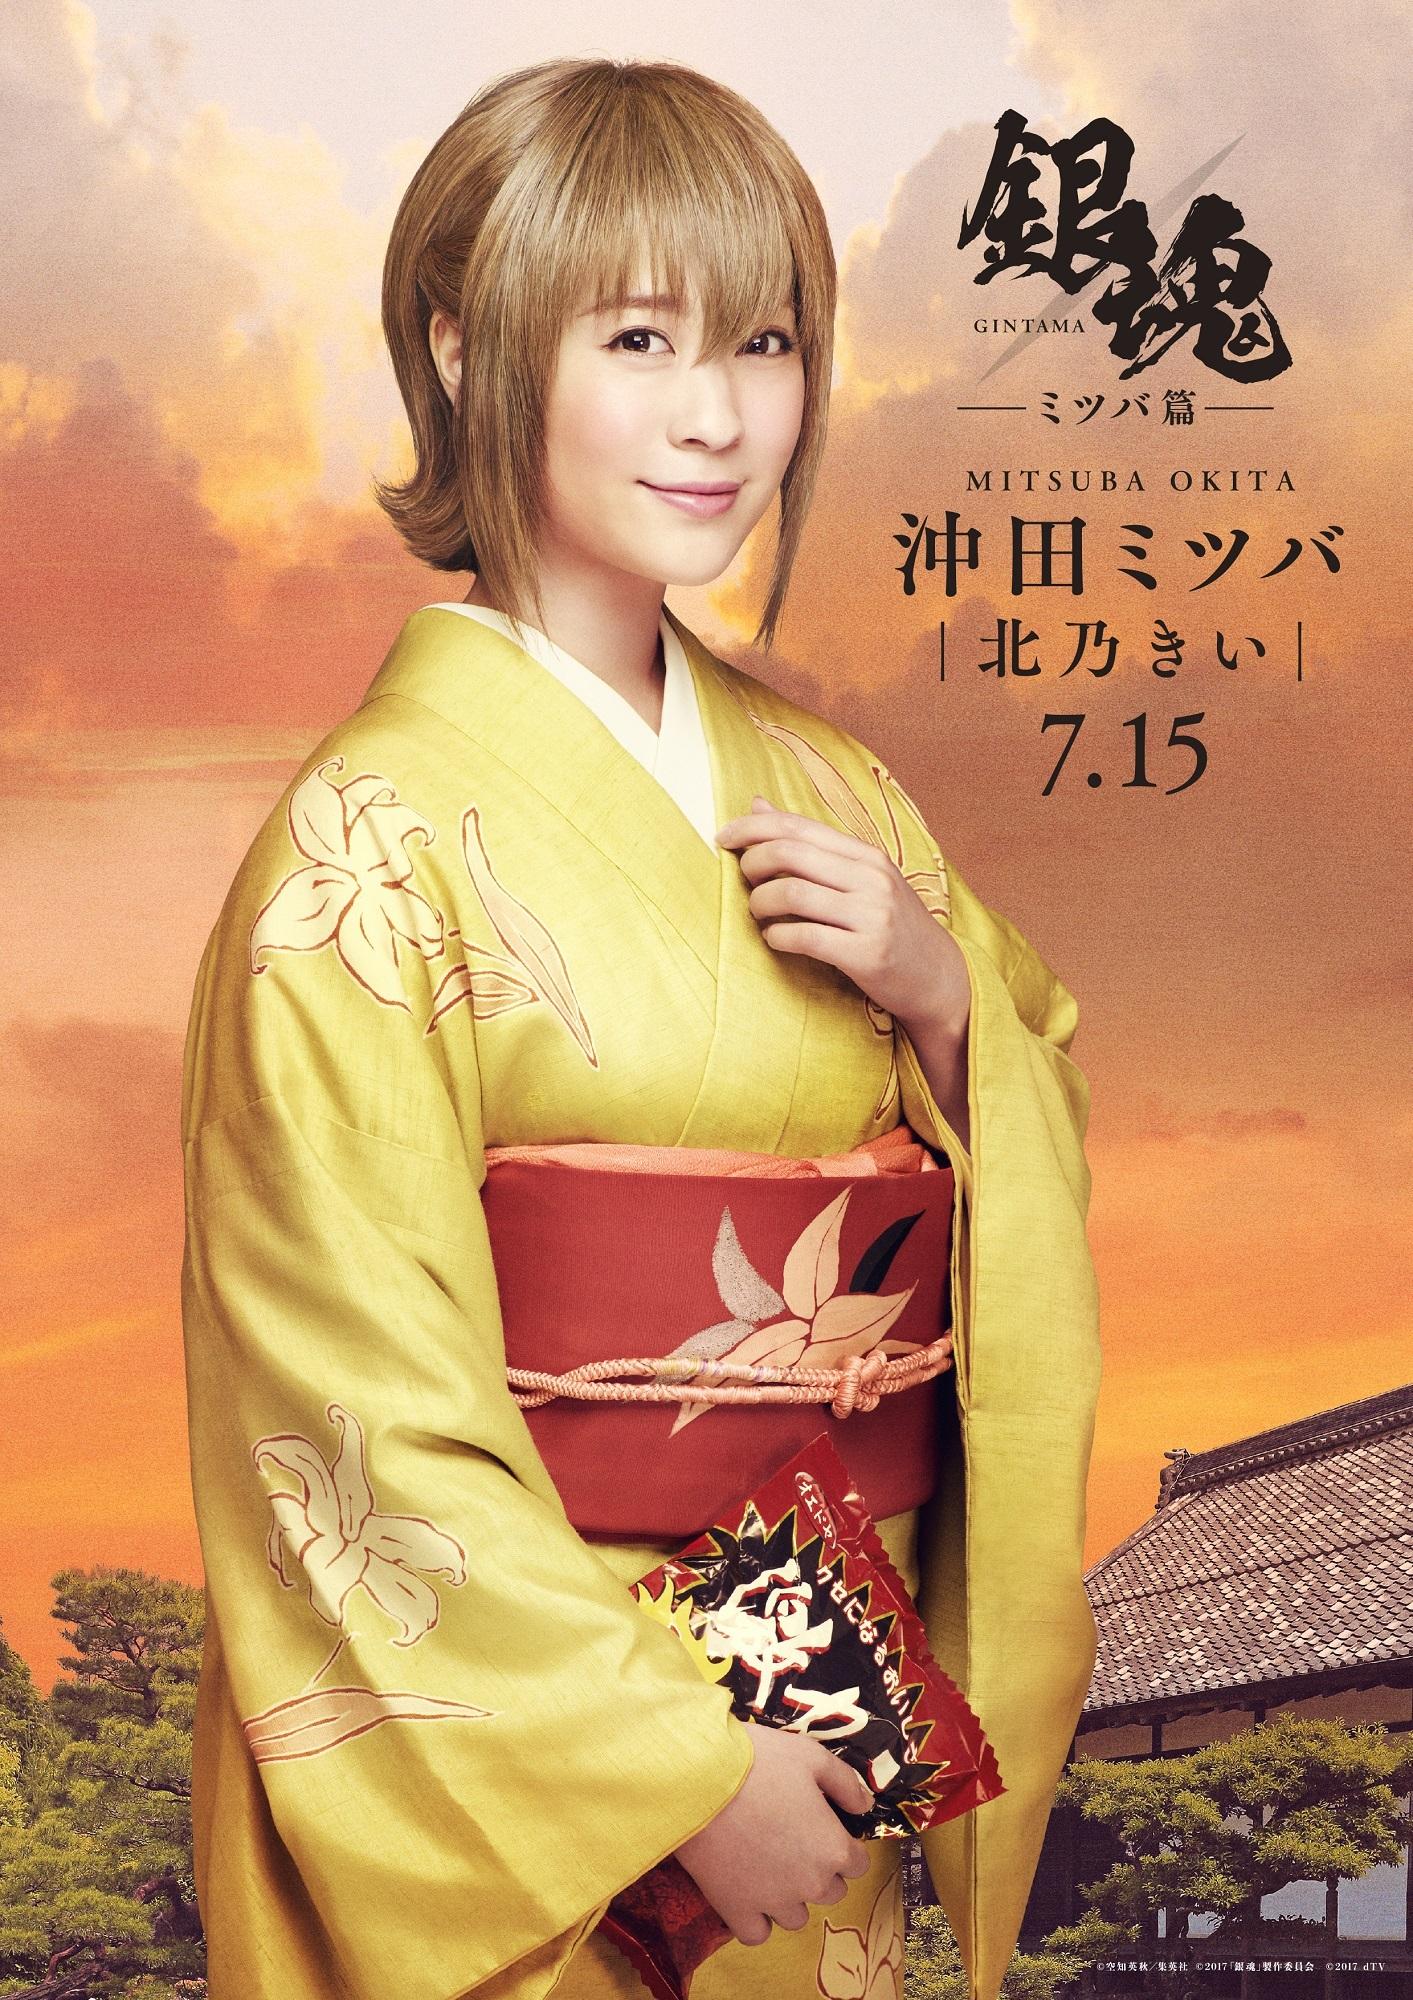 北乃きい (C)空知英秋/集英社 (C)2017映画「銀魂」製作委員会 (C)2017 dTV